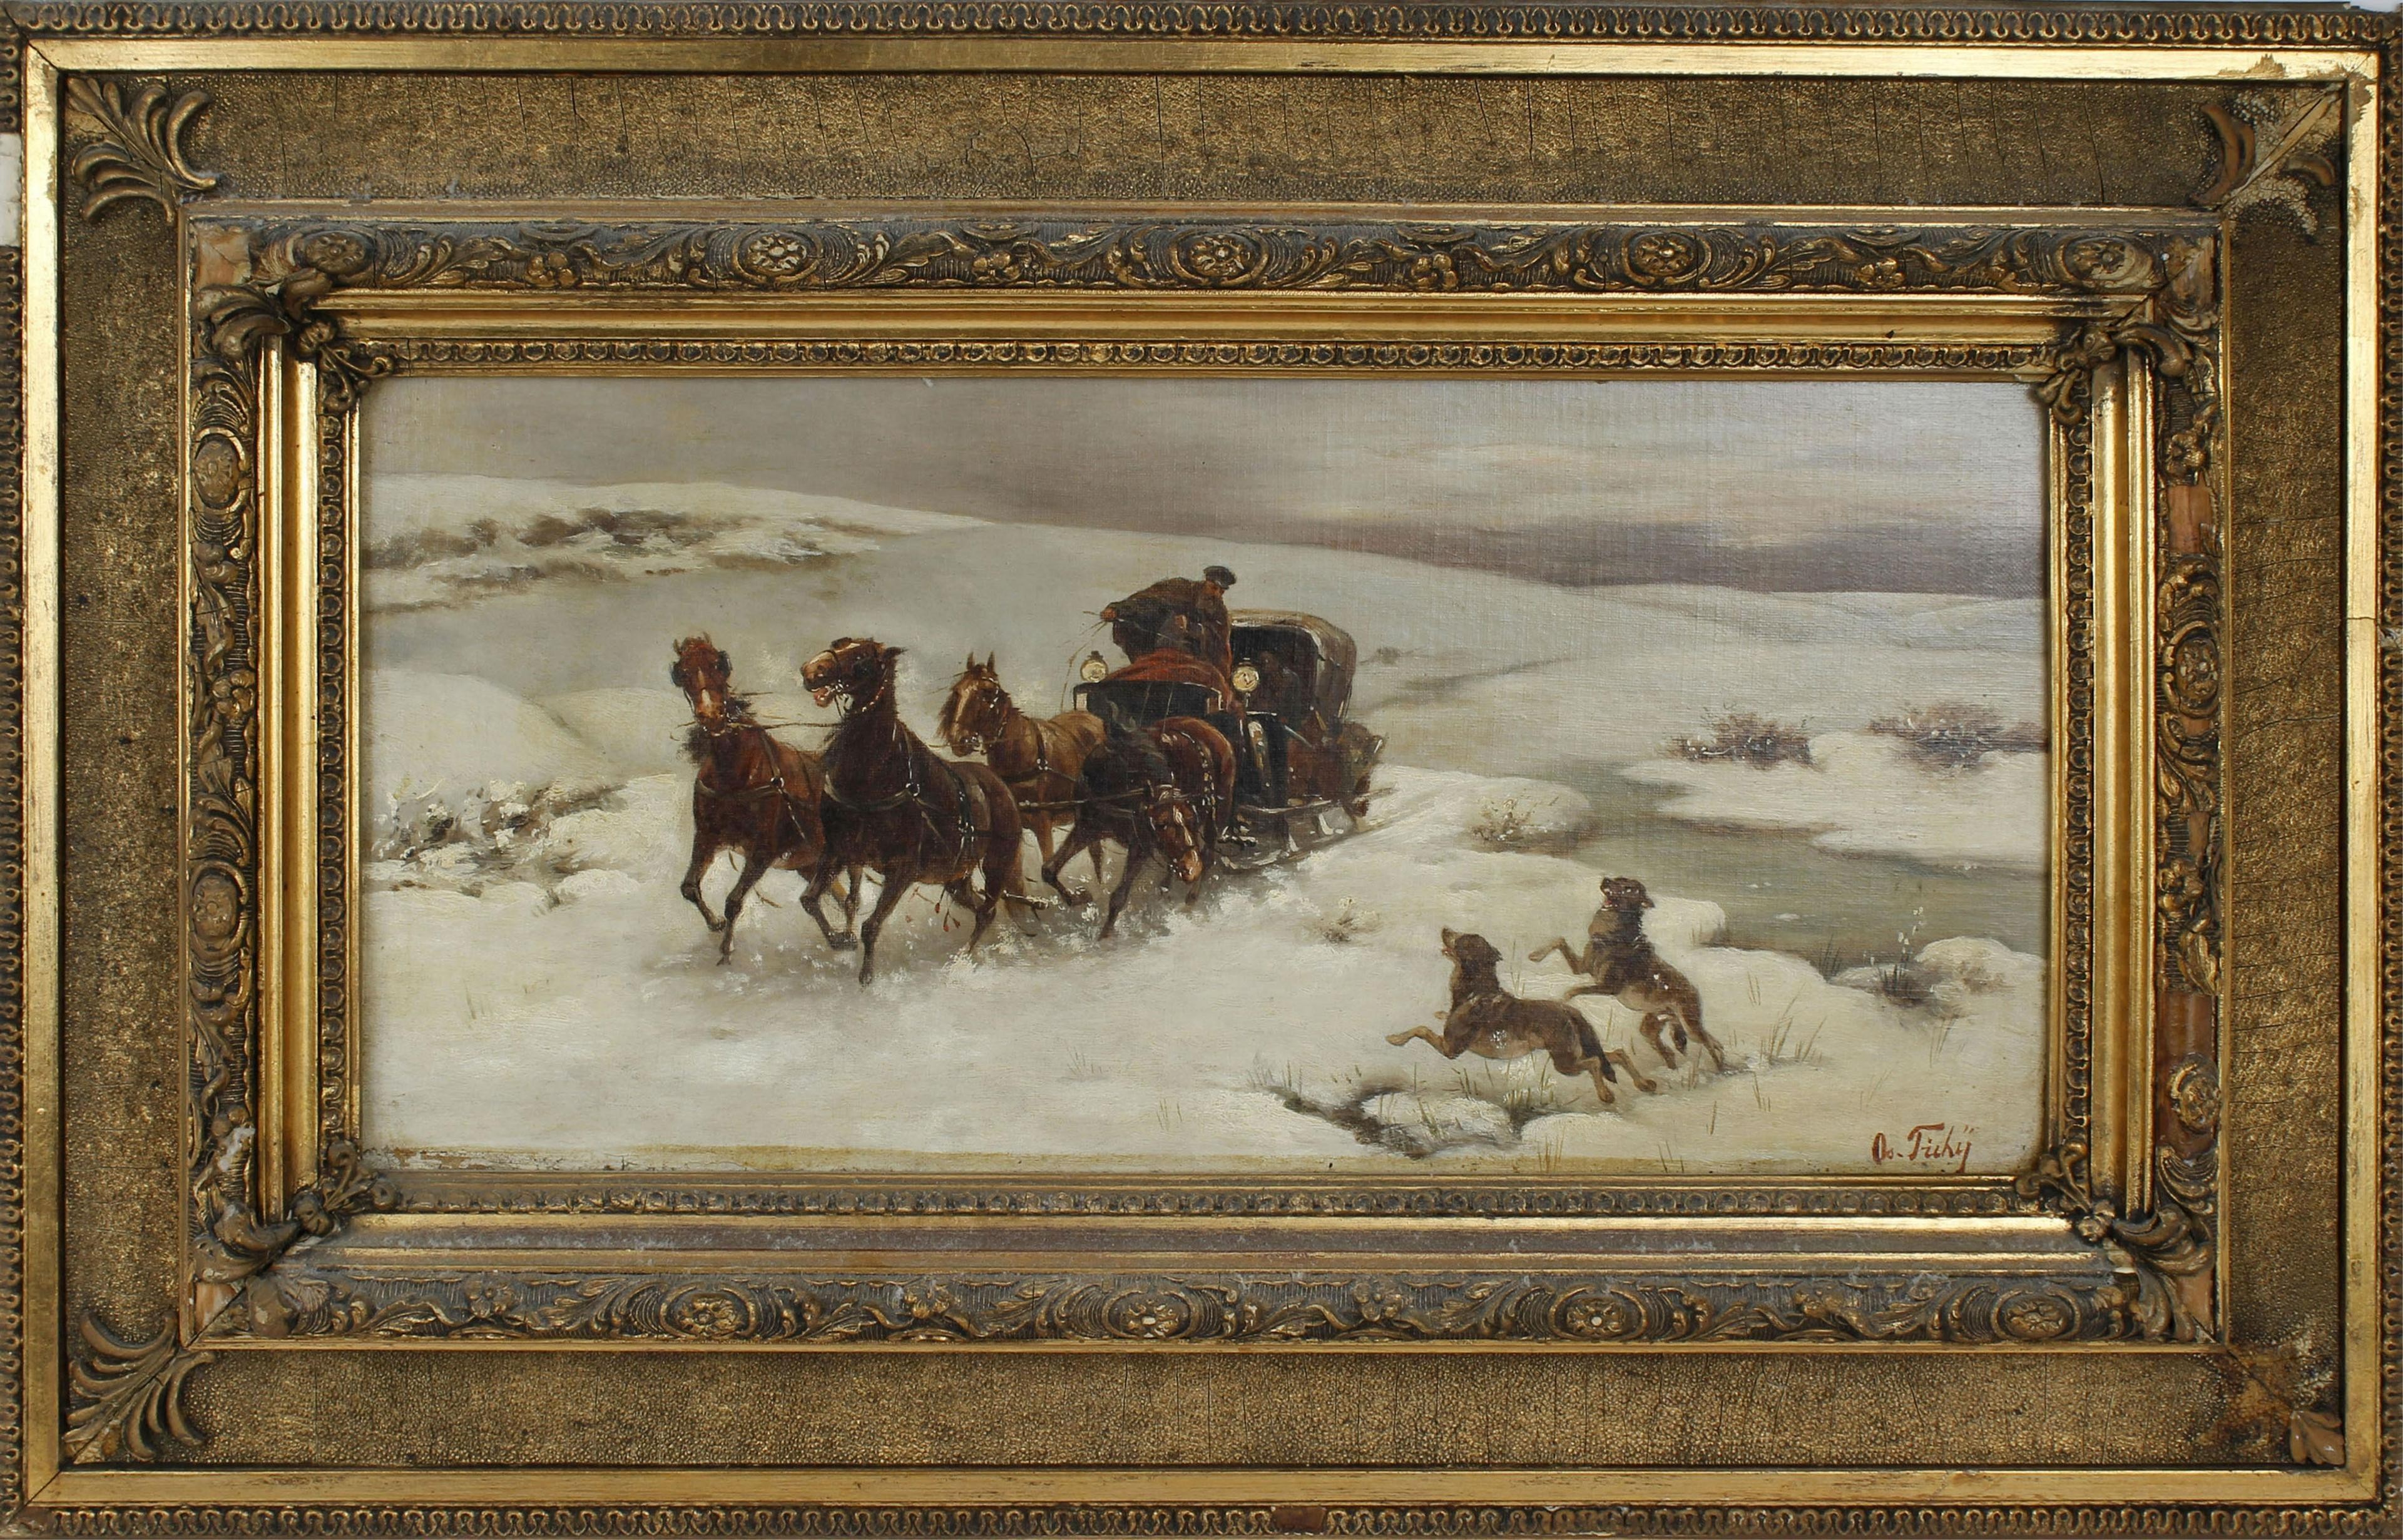 """Os. Tichy (XIX / XX wiek) """"Napad wilków"""", źródło: Manor Auctions"""